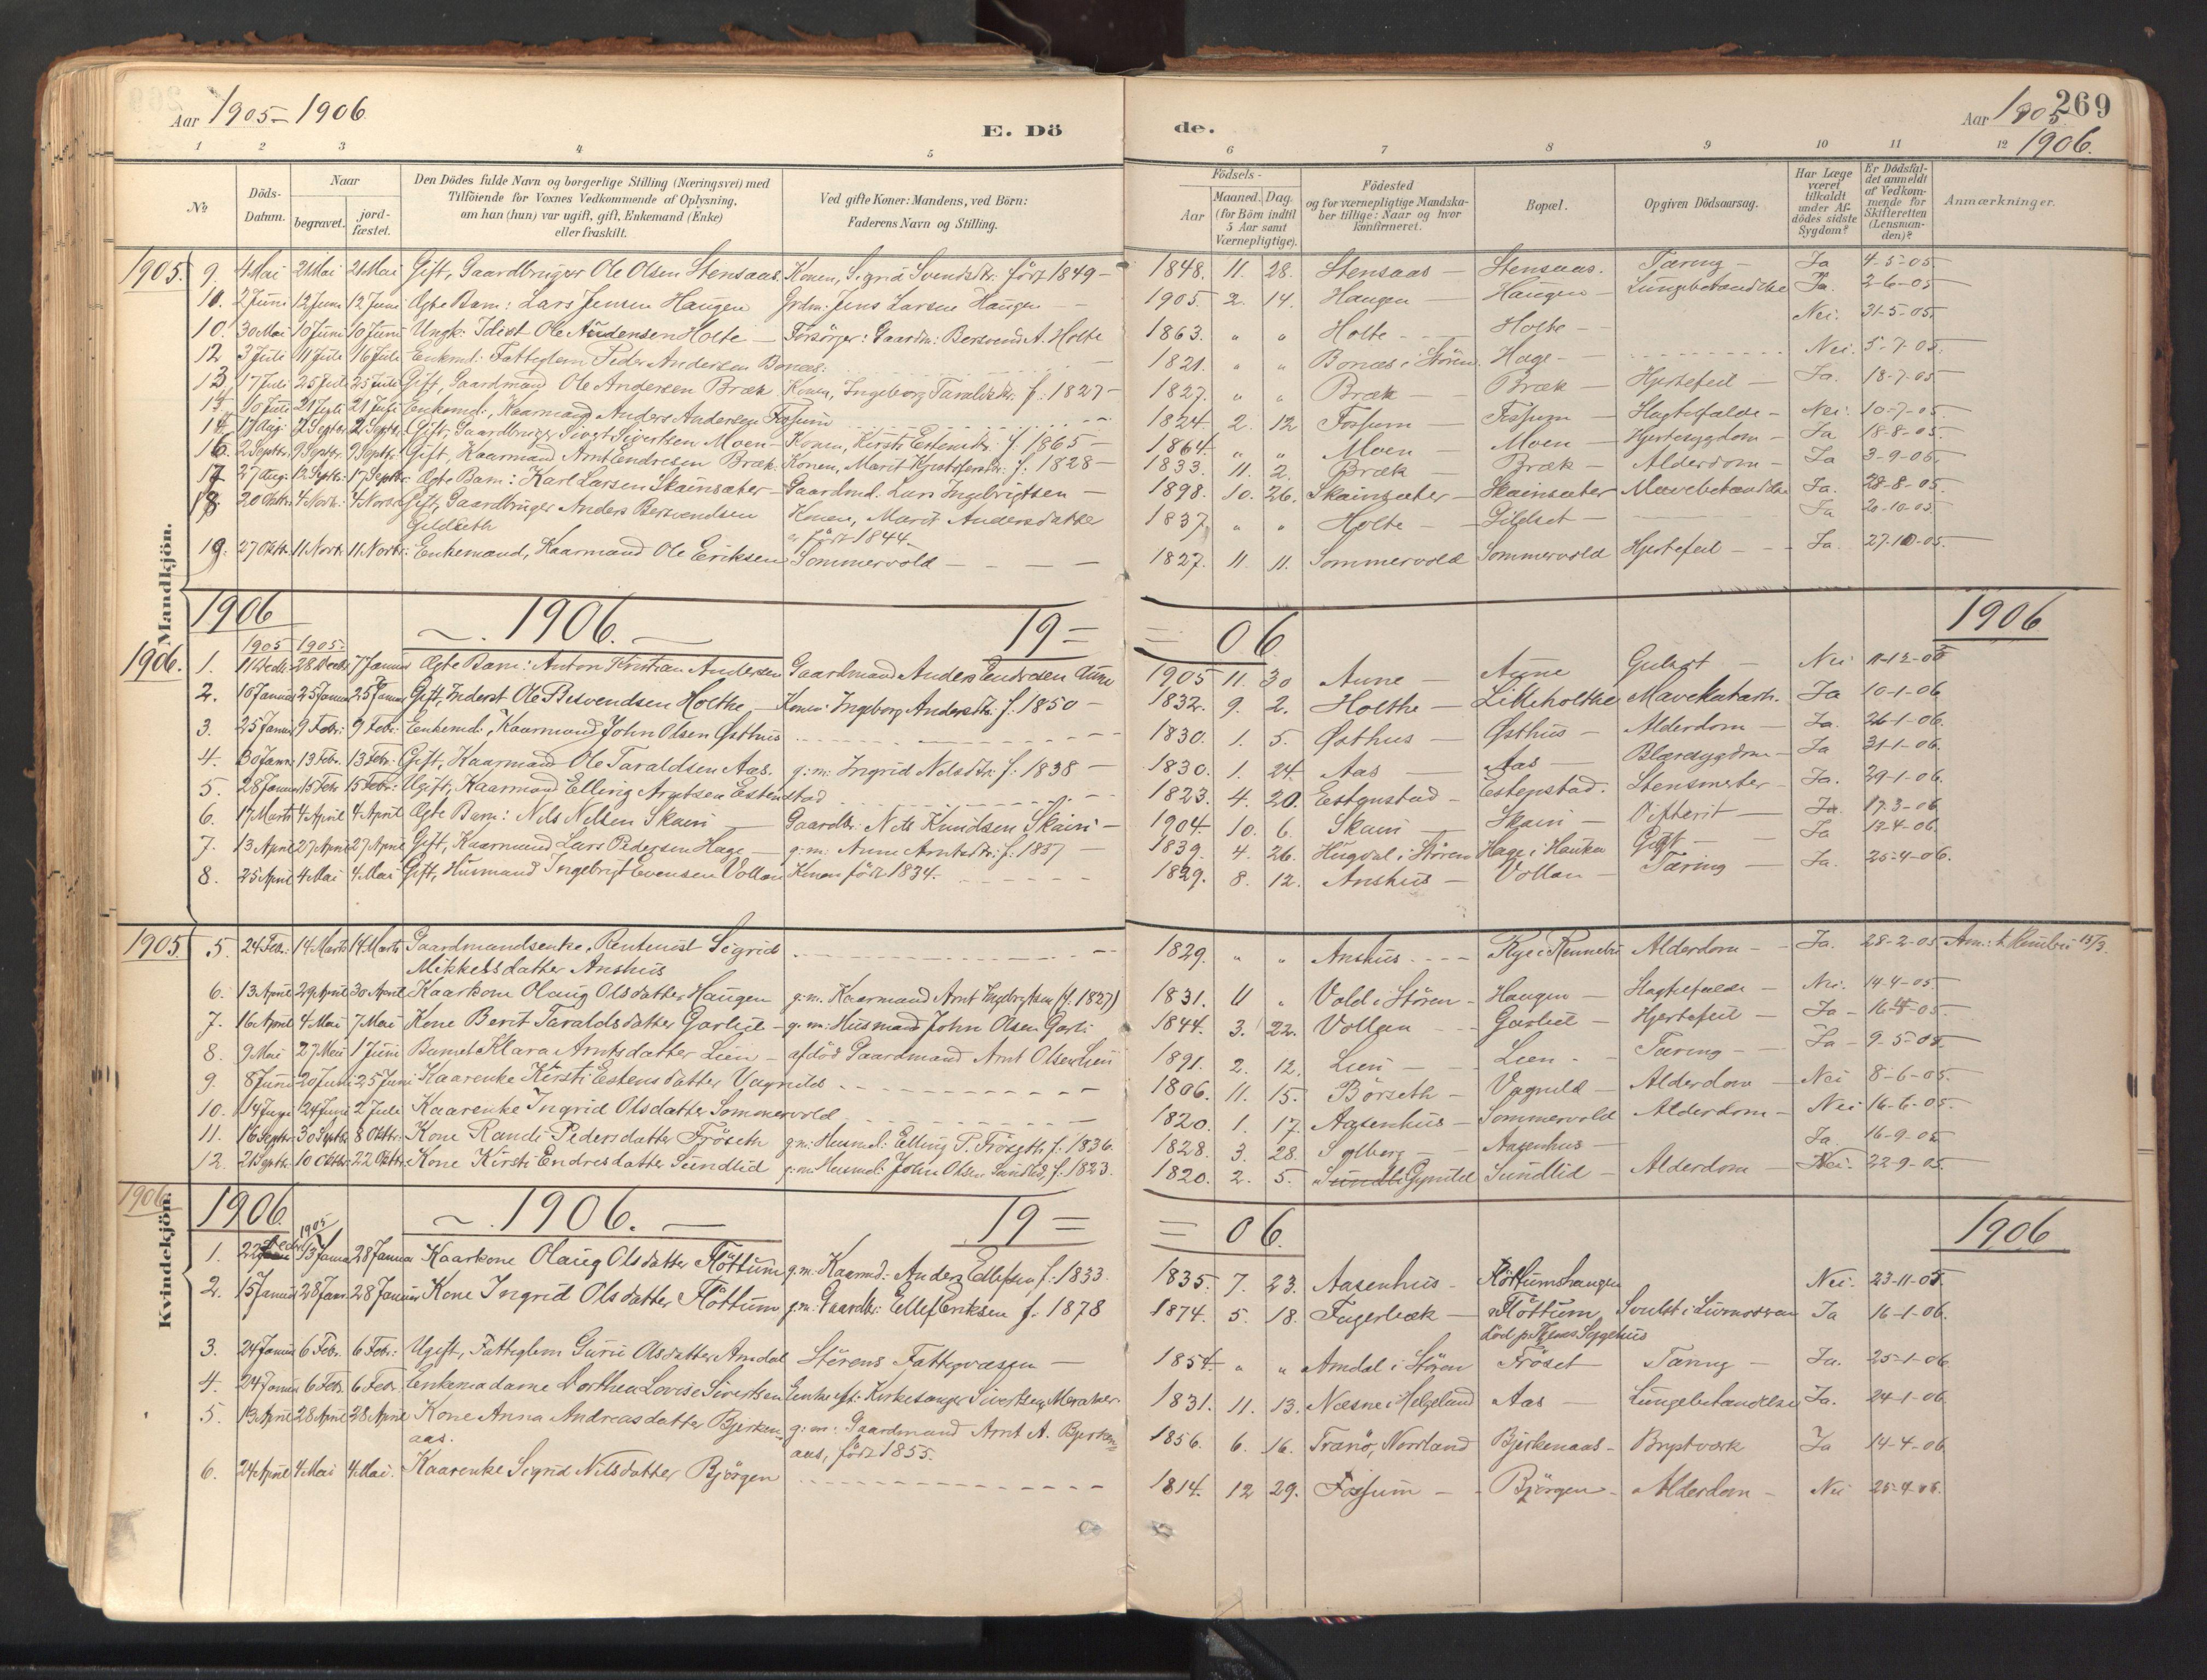 SAT, Ministerialprotokoller, klokkerbøker og fødselsregistre - Sør-Trøndelag, 689/L1041: Ministerialbok nr. 689A06, 1891-1923, s. 269